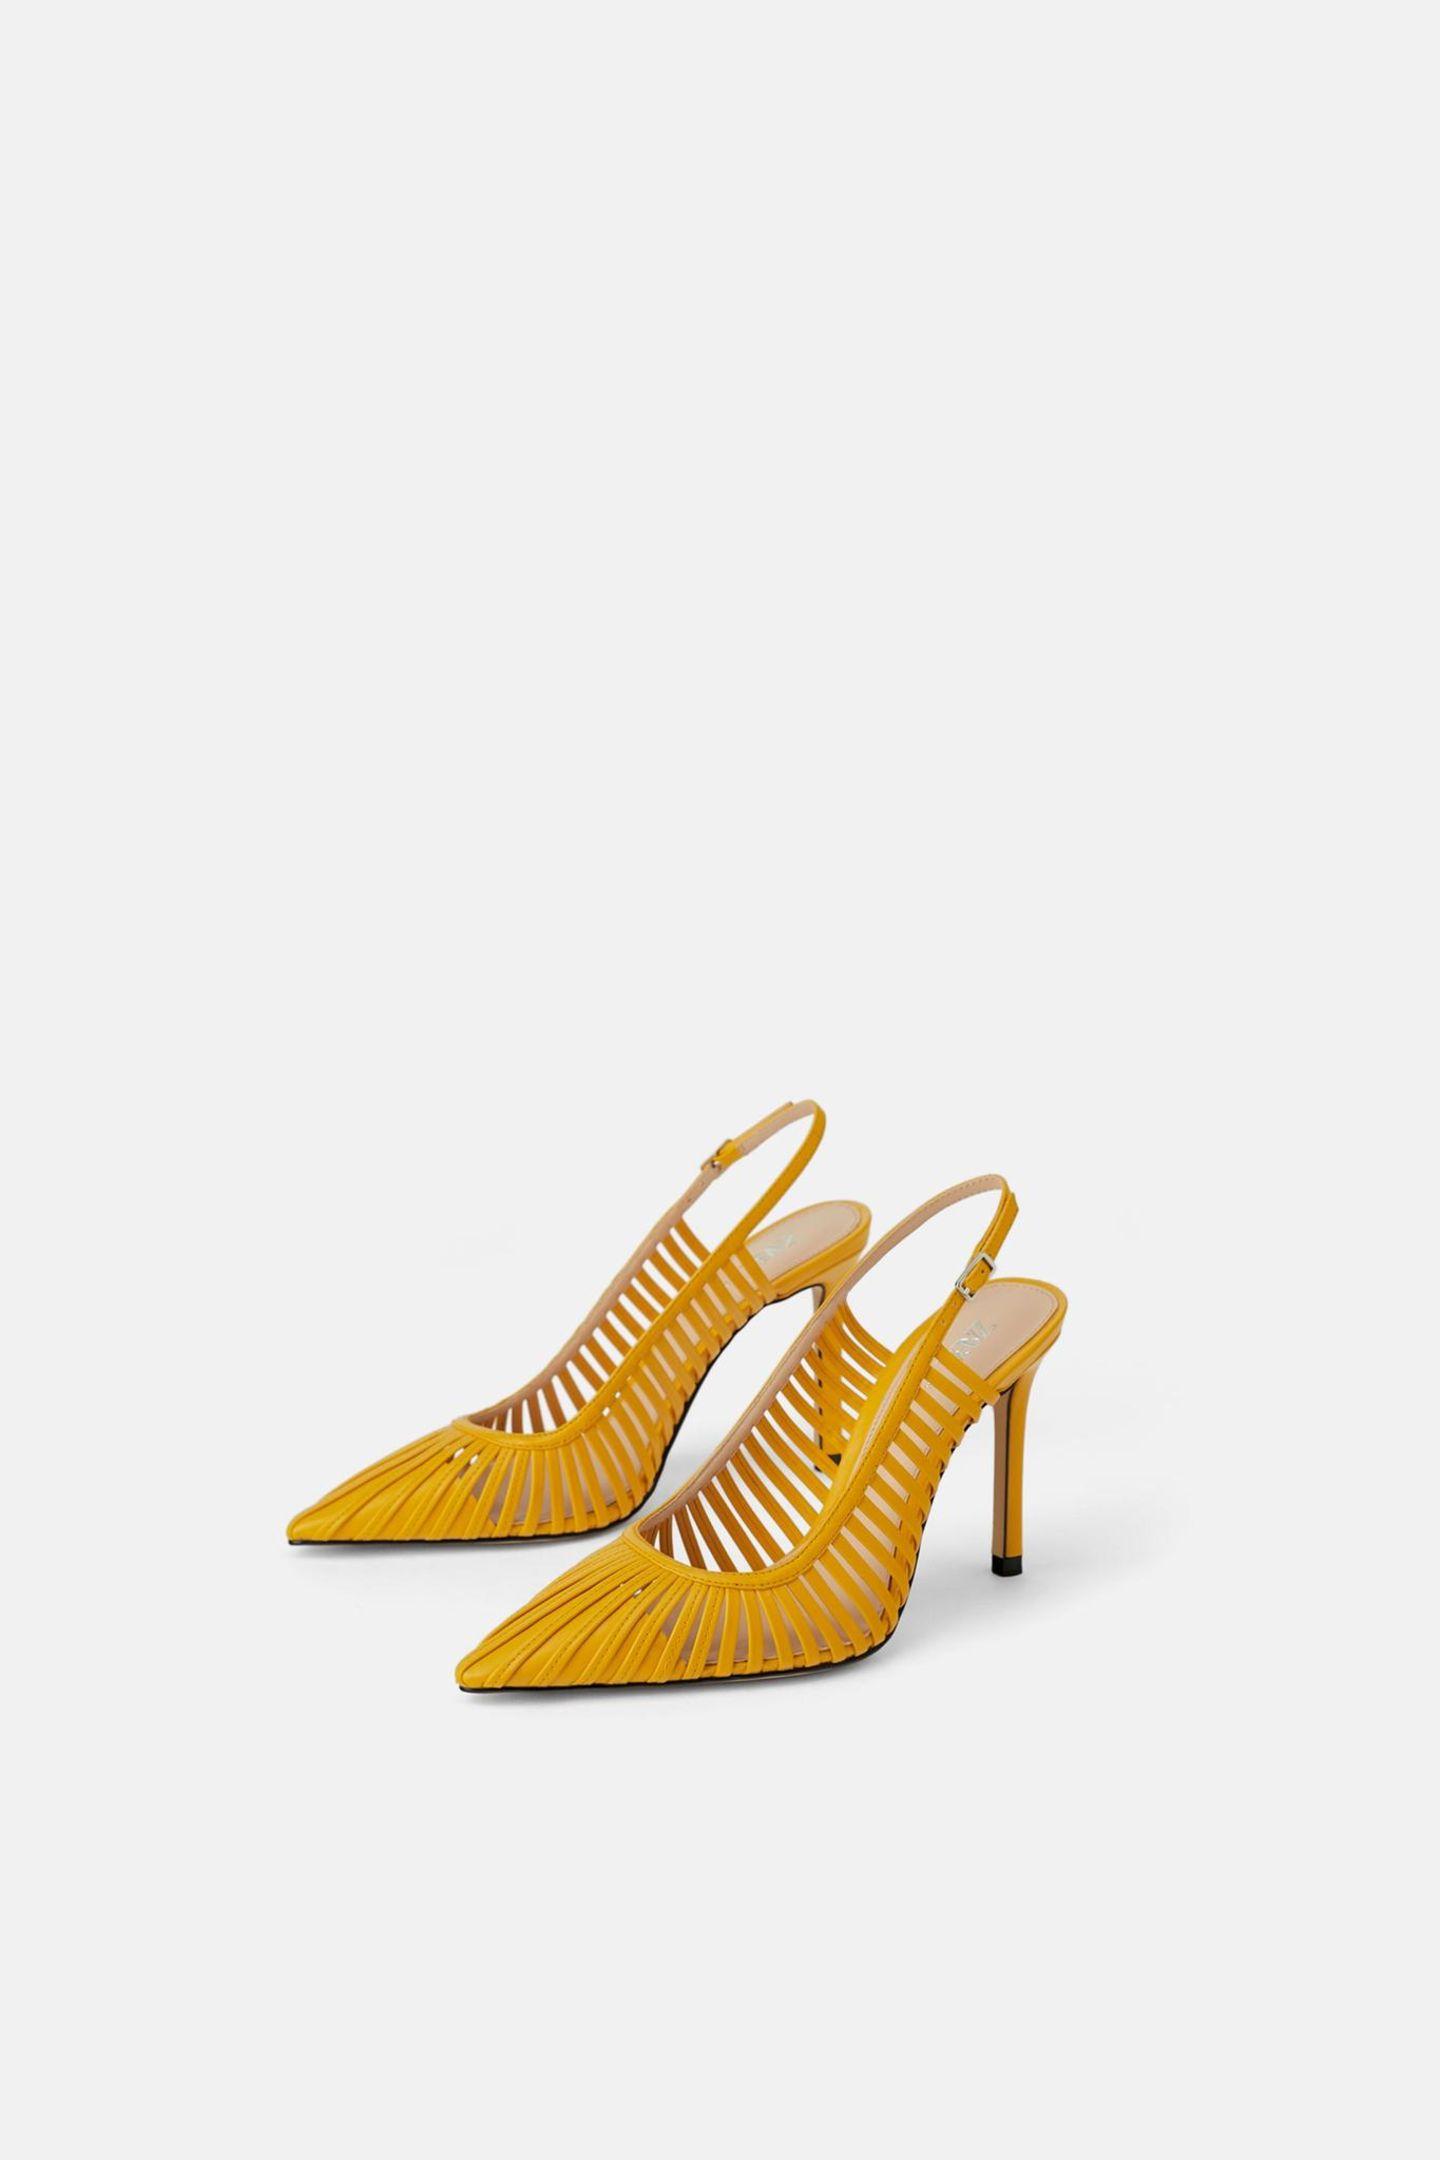 Ein paar gelbe Slingbacks kann jeder Kleiderschrank vertragen. Gelb ist diese Saison ohnehin mega angesagt!  Für rund 30 Euro bei Zara erhältlich.